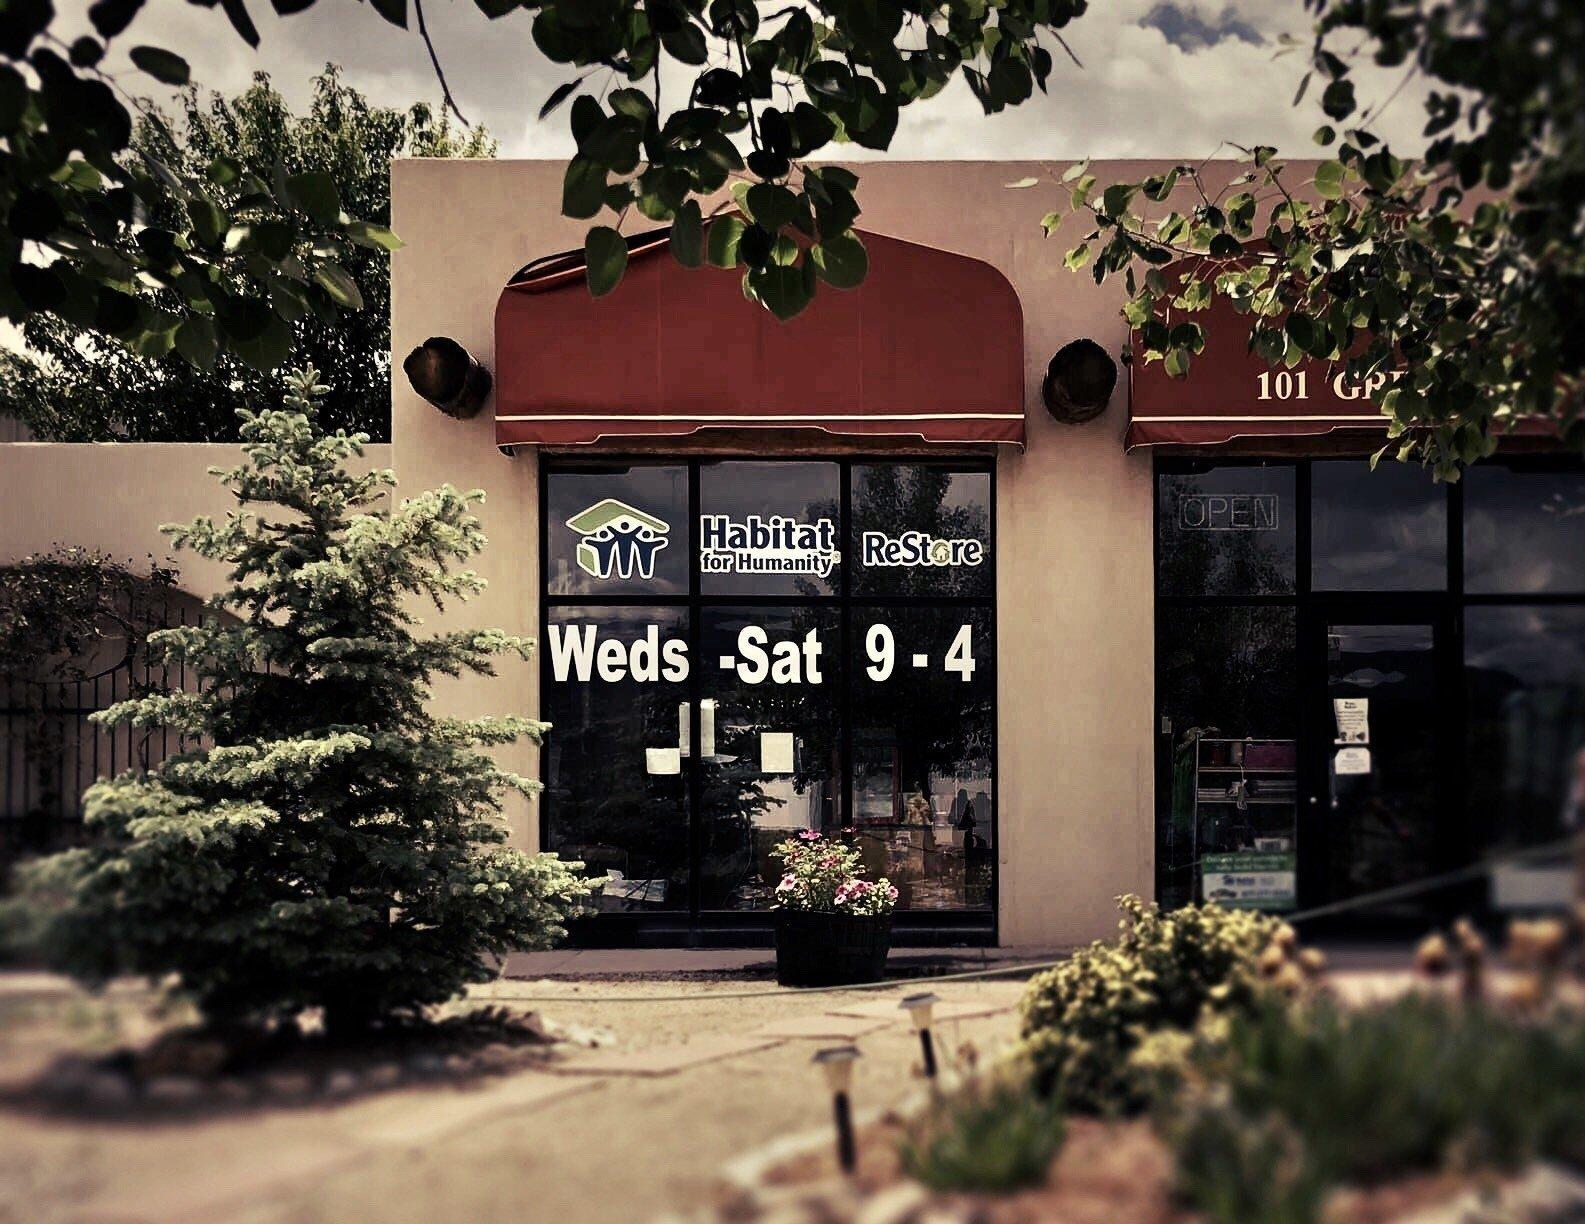 ReStore location in Buena Vista, Colorado - Habitat for Humanity